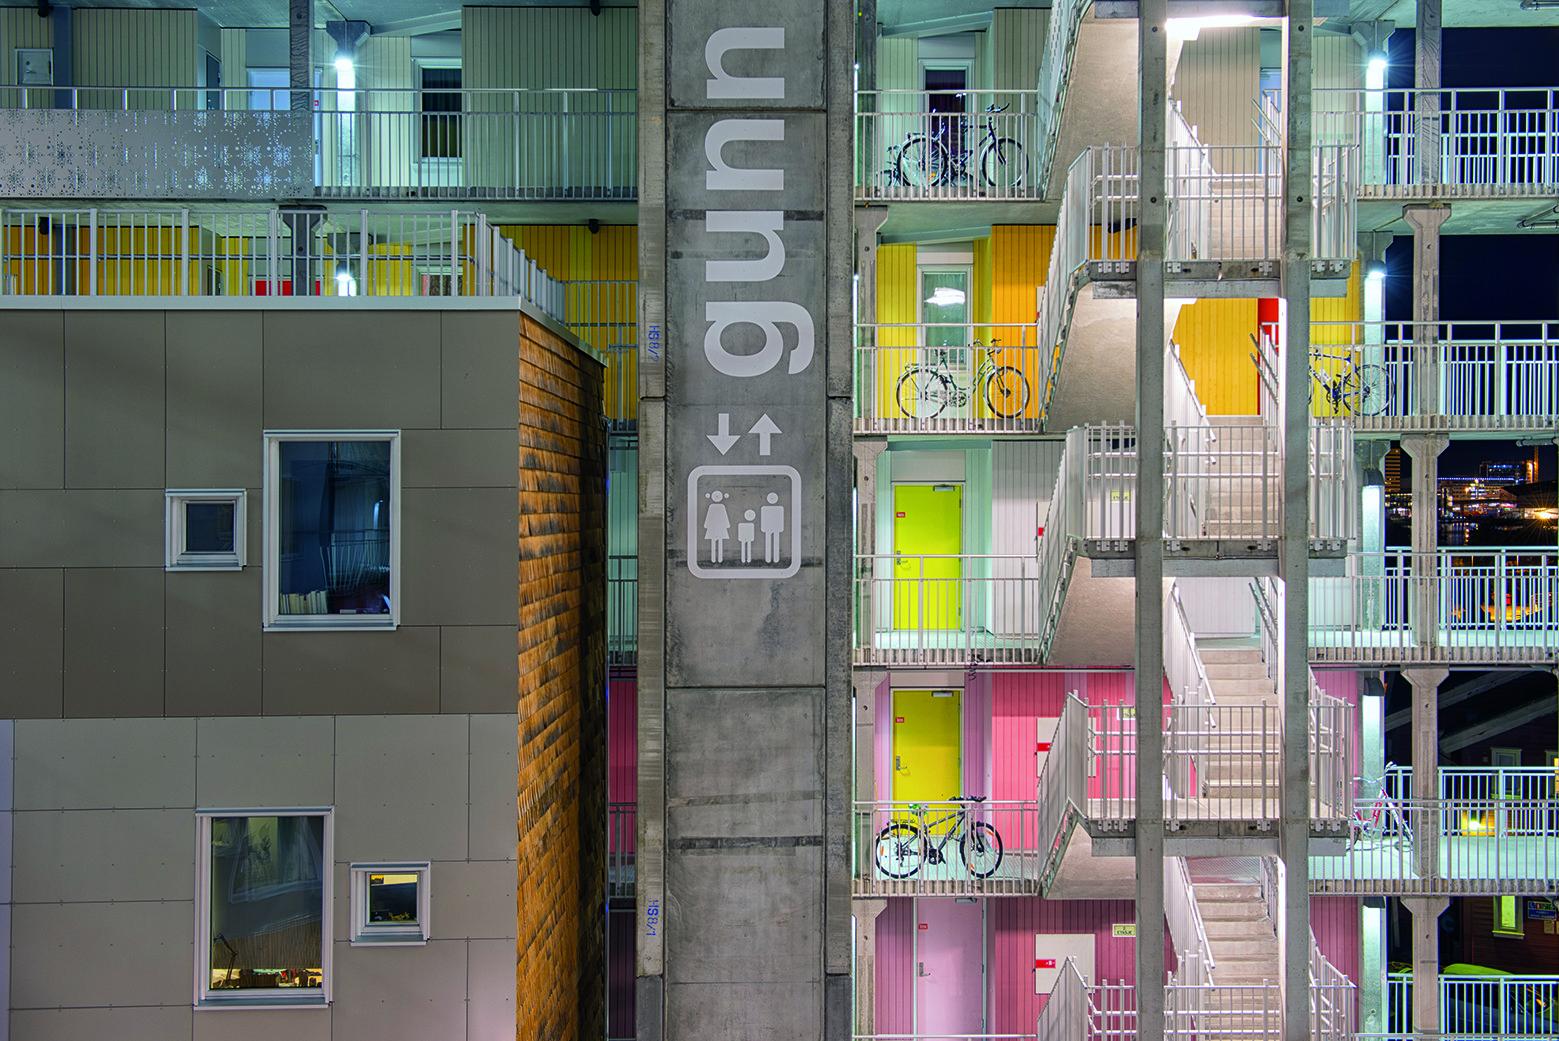 Departamentos de Estudiantes Grønneviksøren / 3RW Arkitekter, © Cecilie Bannow